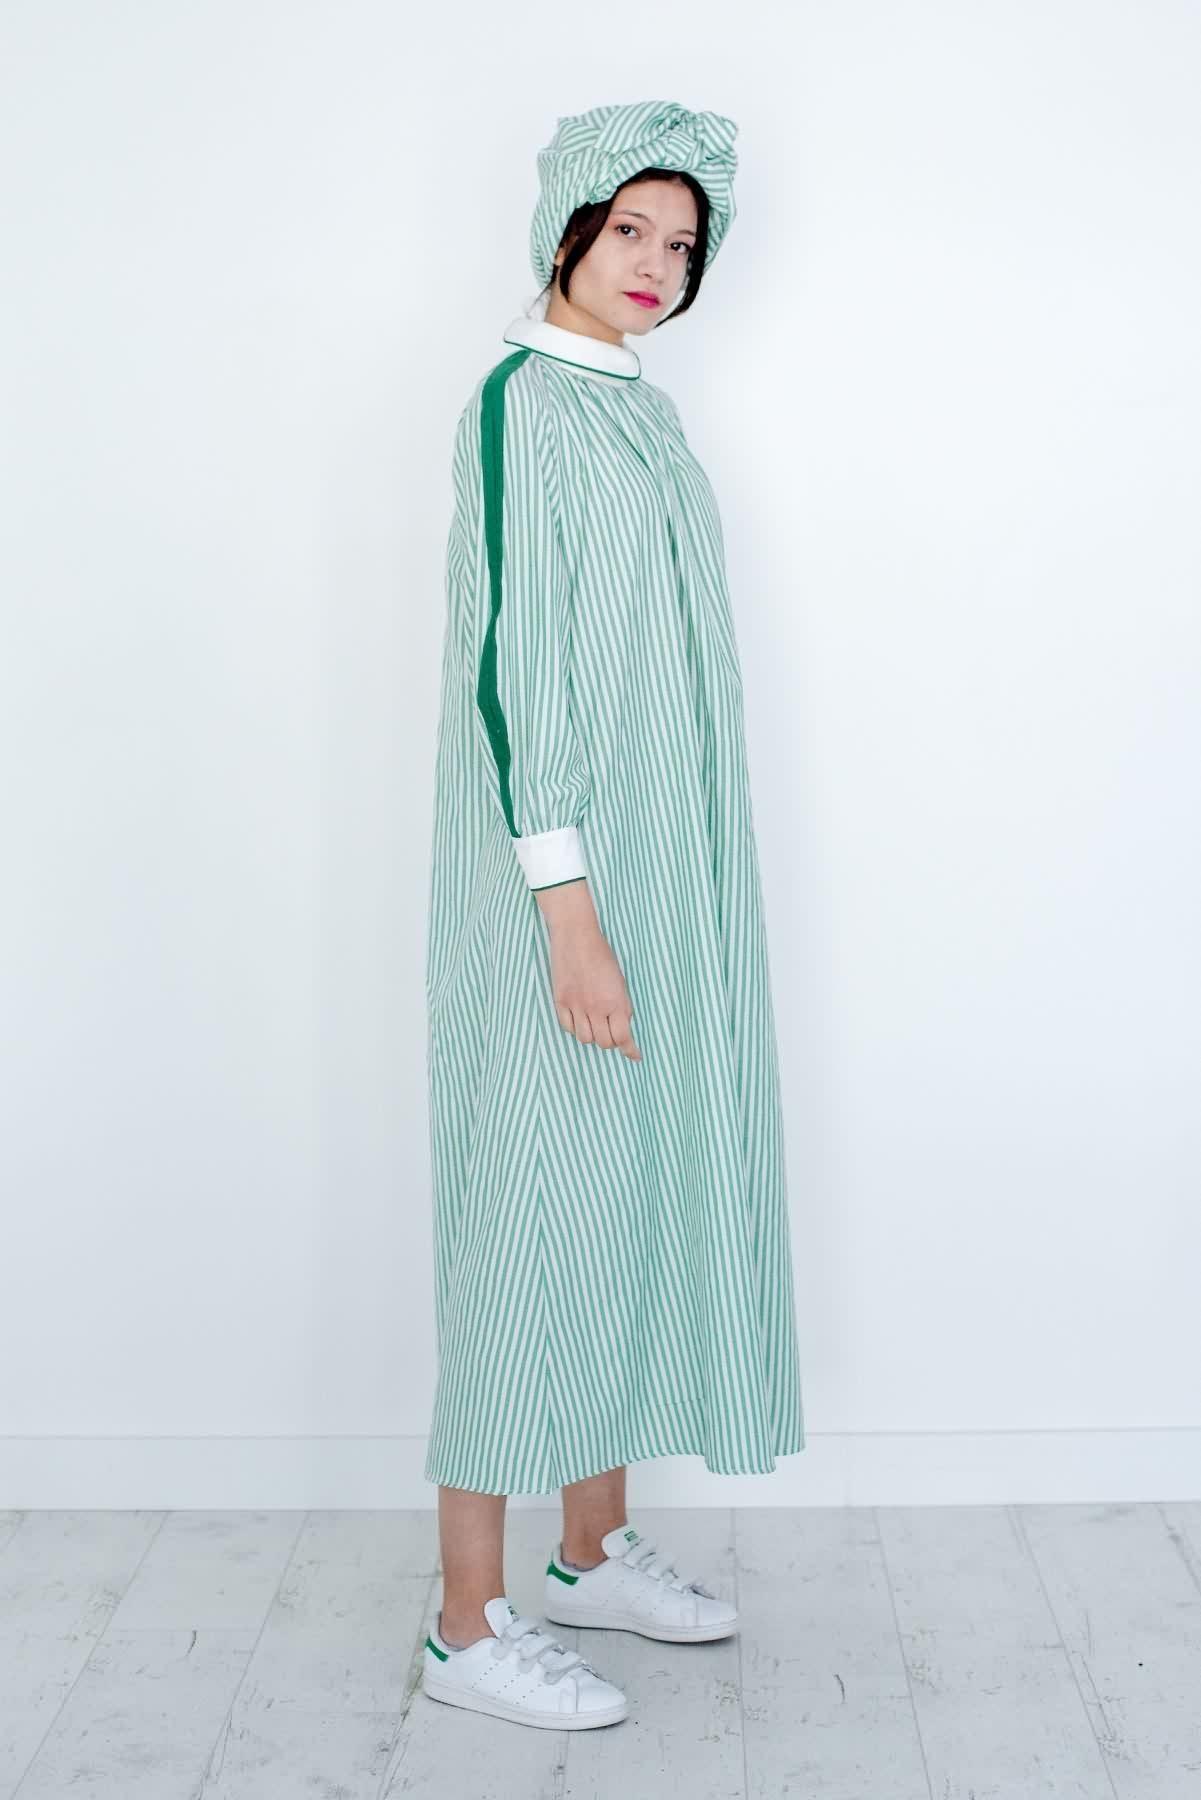 Mevra - Biyeli Poplin Çizgili Elbise Yeşil